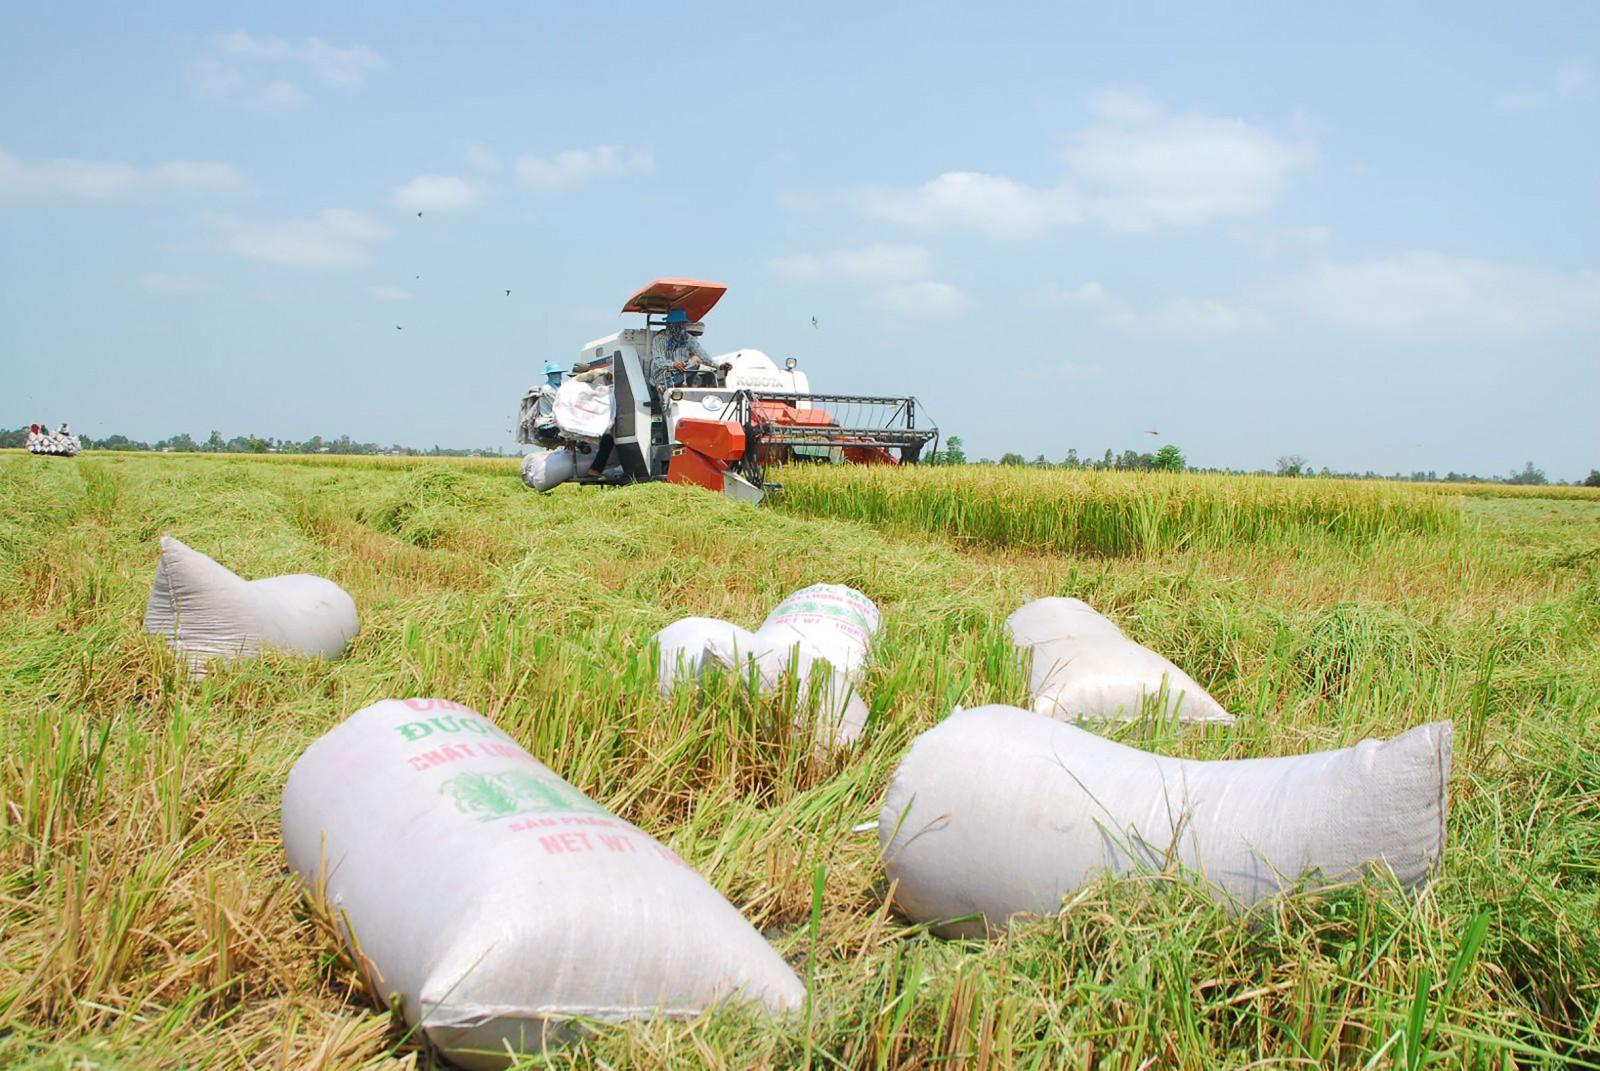 Thu hoạch lúa trong cánh đồng lớn ở Cái Bè, Tiền Giang. Ảnh: N.S